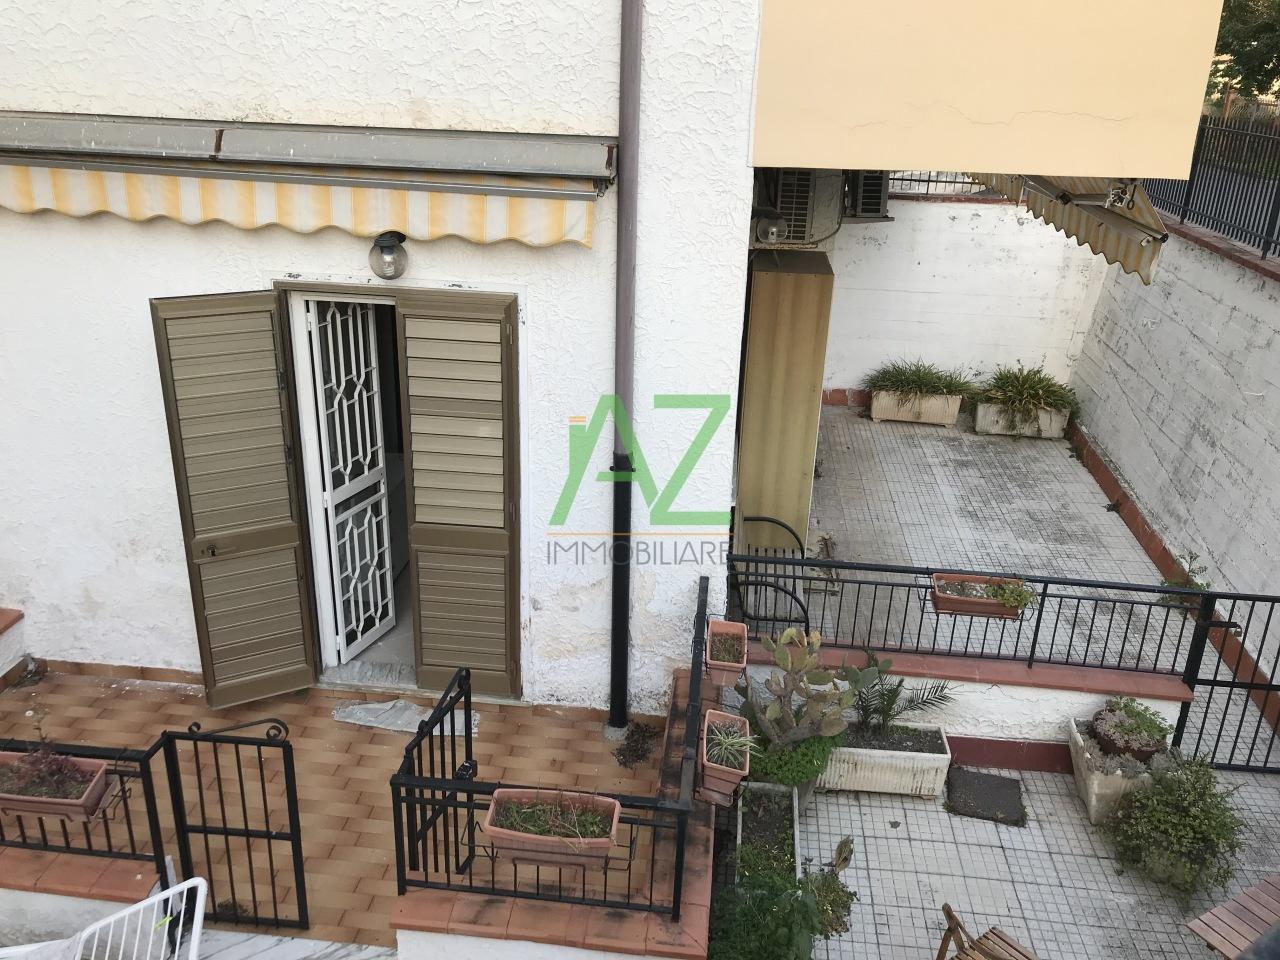 Appartamento in vendita a Giardini-Naxos, 2 locali, prezzo € 89.000 | PortaleAgenzieImmobiliari.it